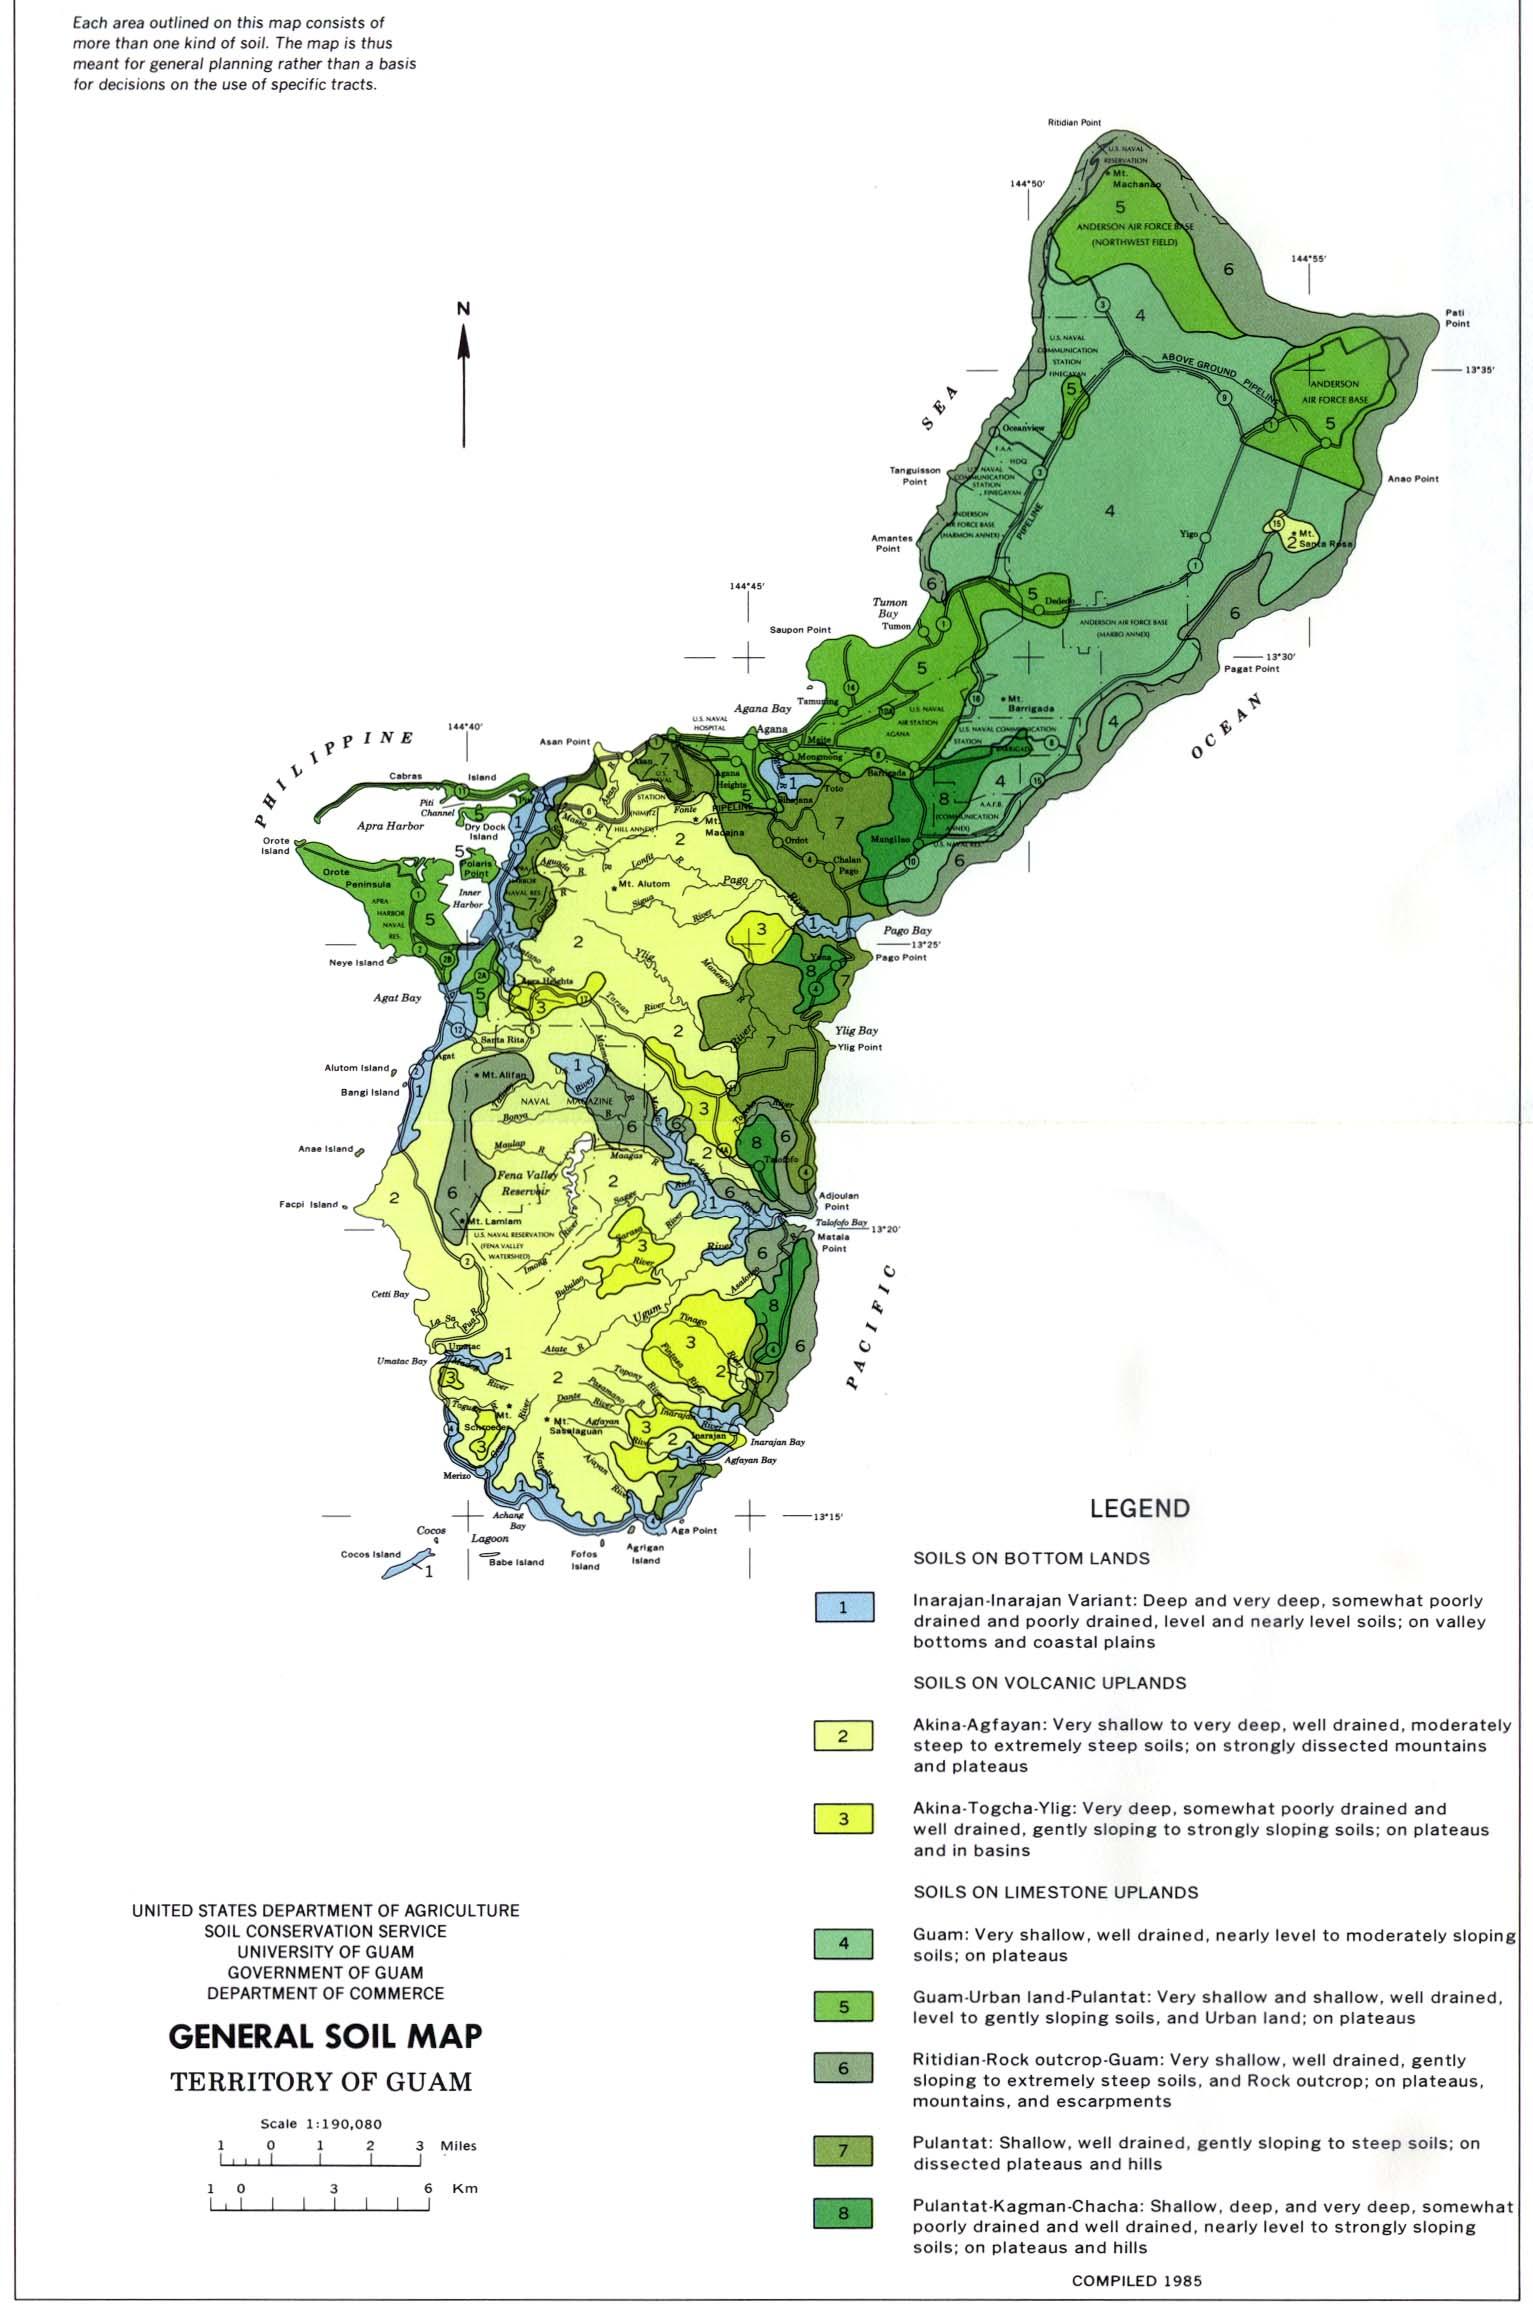 Mapa General de los Suelos Guam